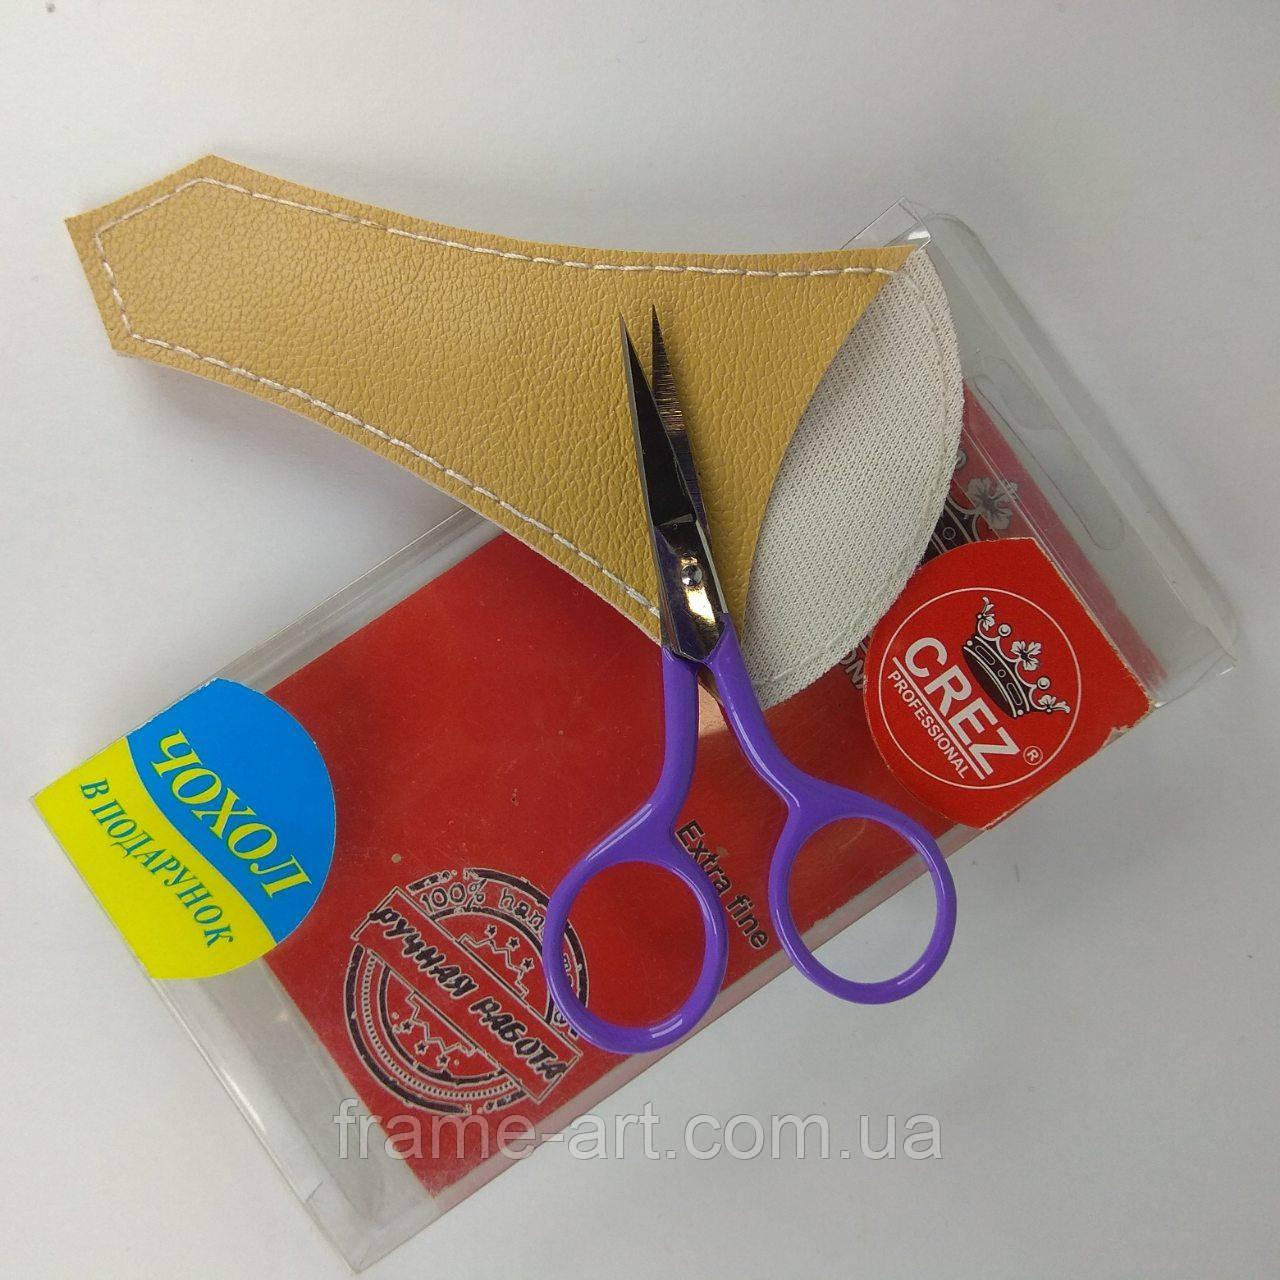 Ножницы маникюрные Crez ногтевые цветные ручная заточка